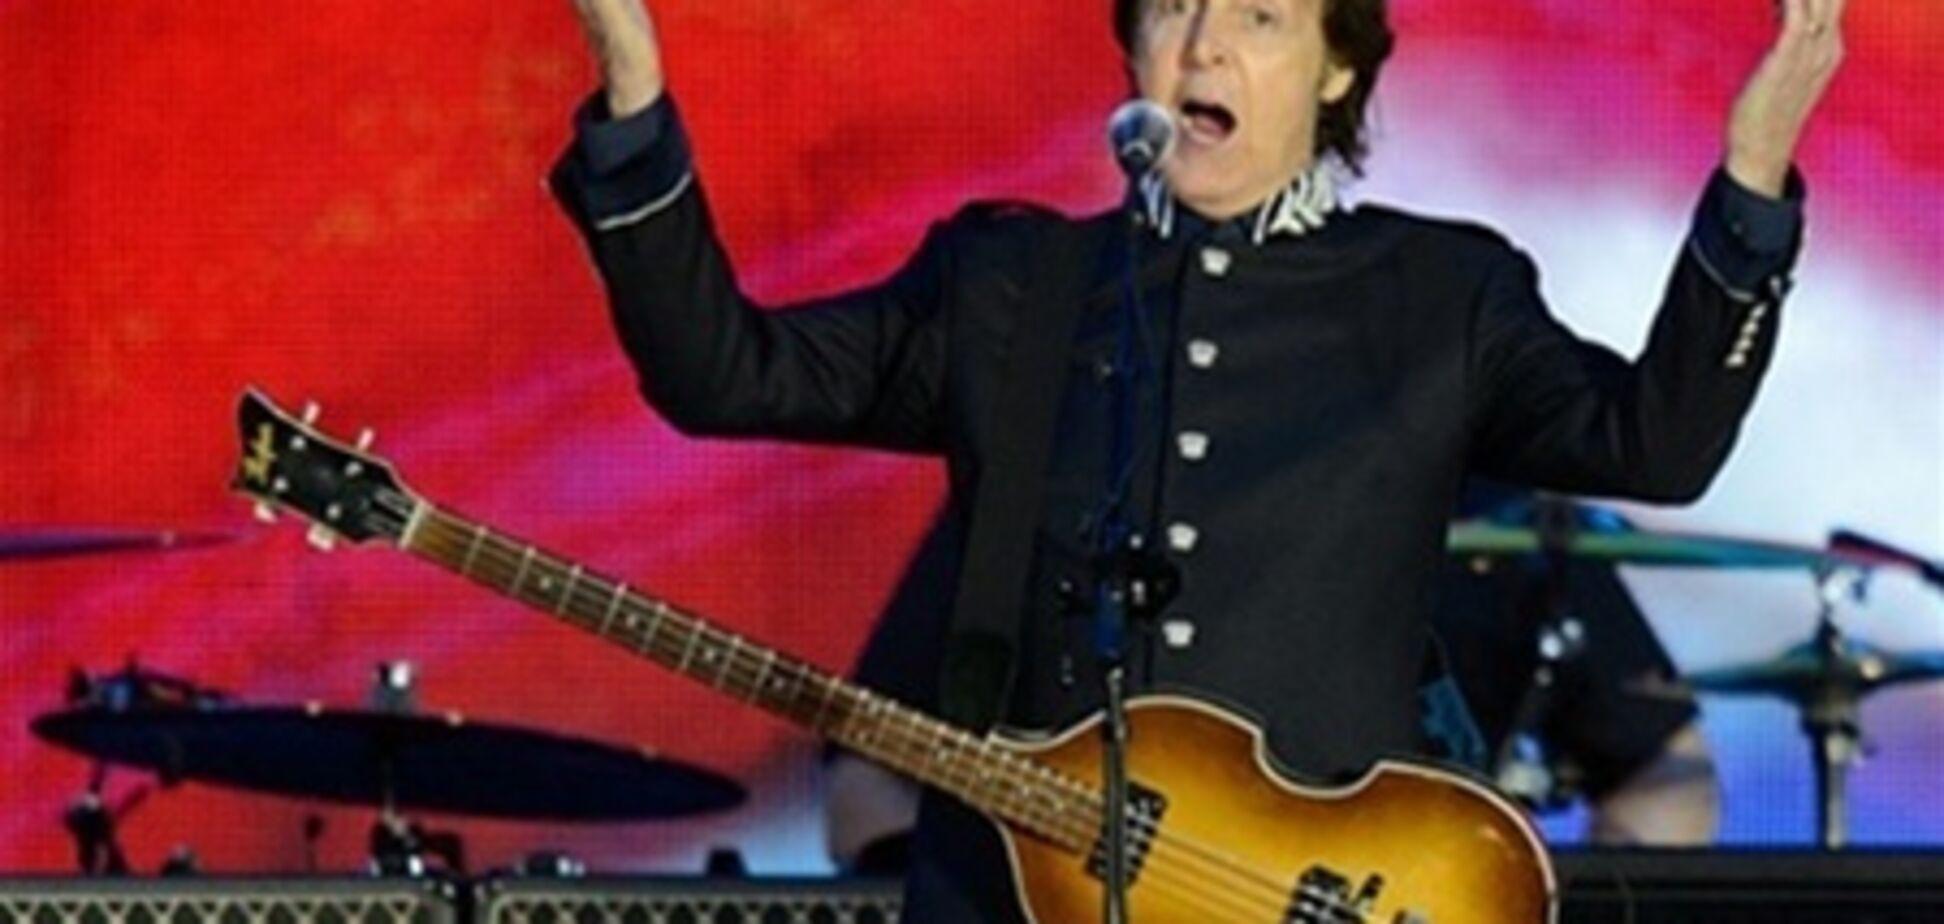 Пол Маккартні закликав звільнити учасниць Pussy Riot